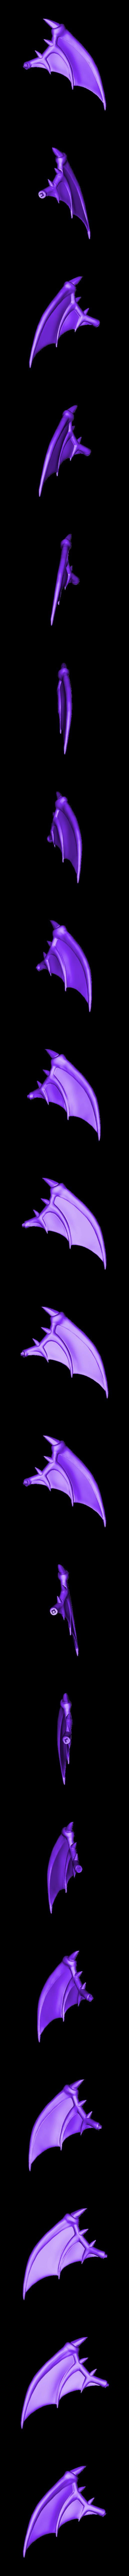 WingL.stl Télécharger fichier STL yeux bleus dragon blanc - Yu Gi Oh • Modèle à imprimer en 3D, Bstar3Dart